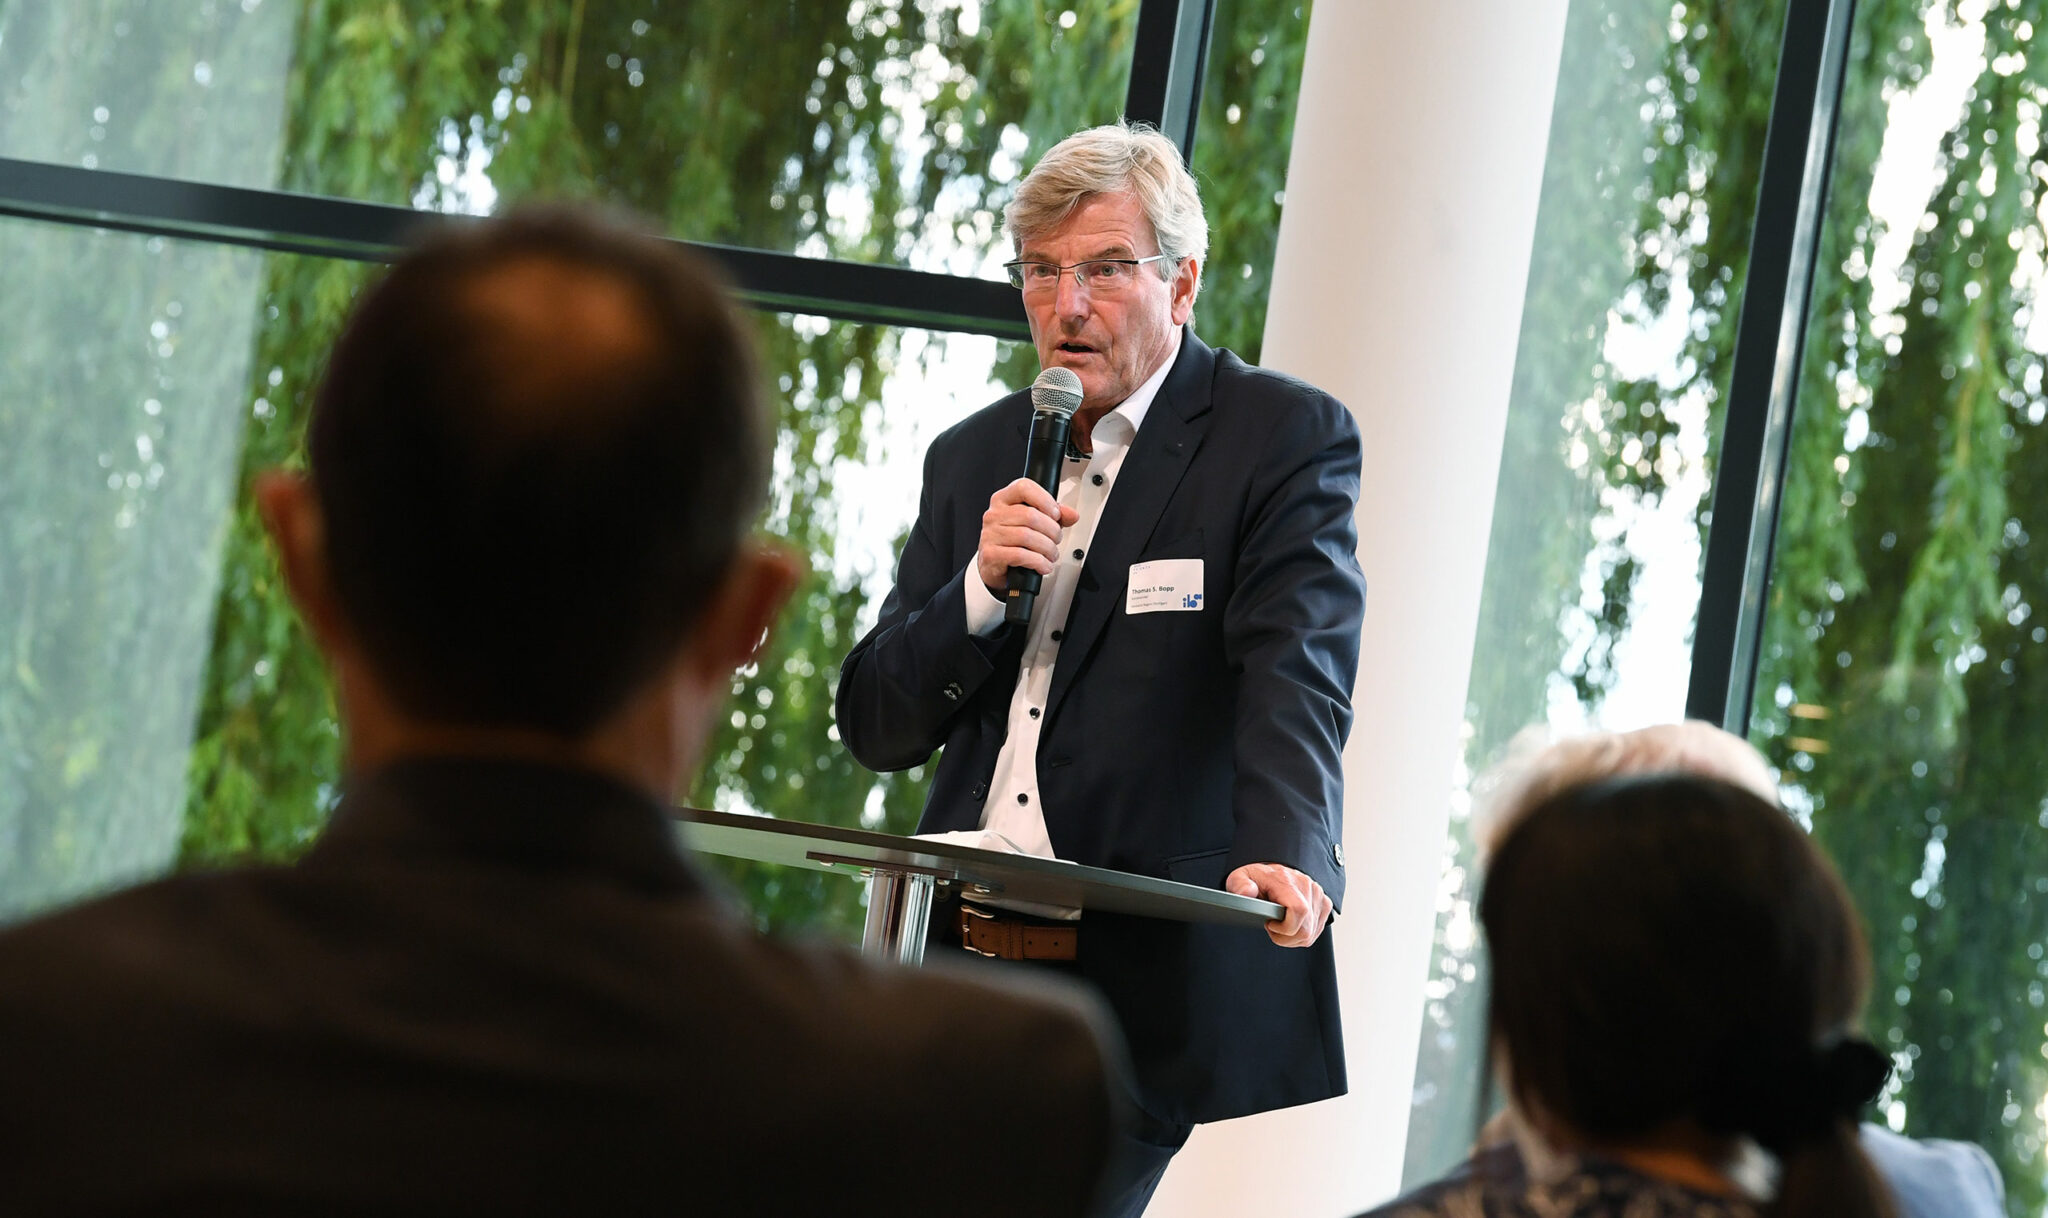 Thomas S. Bopp, Vorsitzender Verband Region Stuttgart und Beisitzer im Vorstand der IBA'27 Friends e.V. (Bild: IBA'27 / F. Kraufmann)